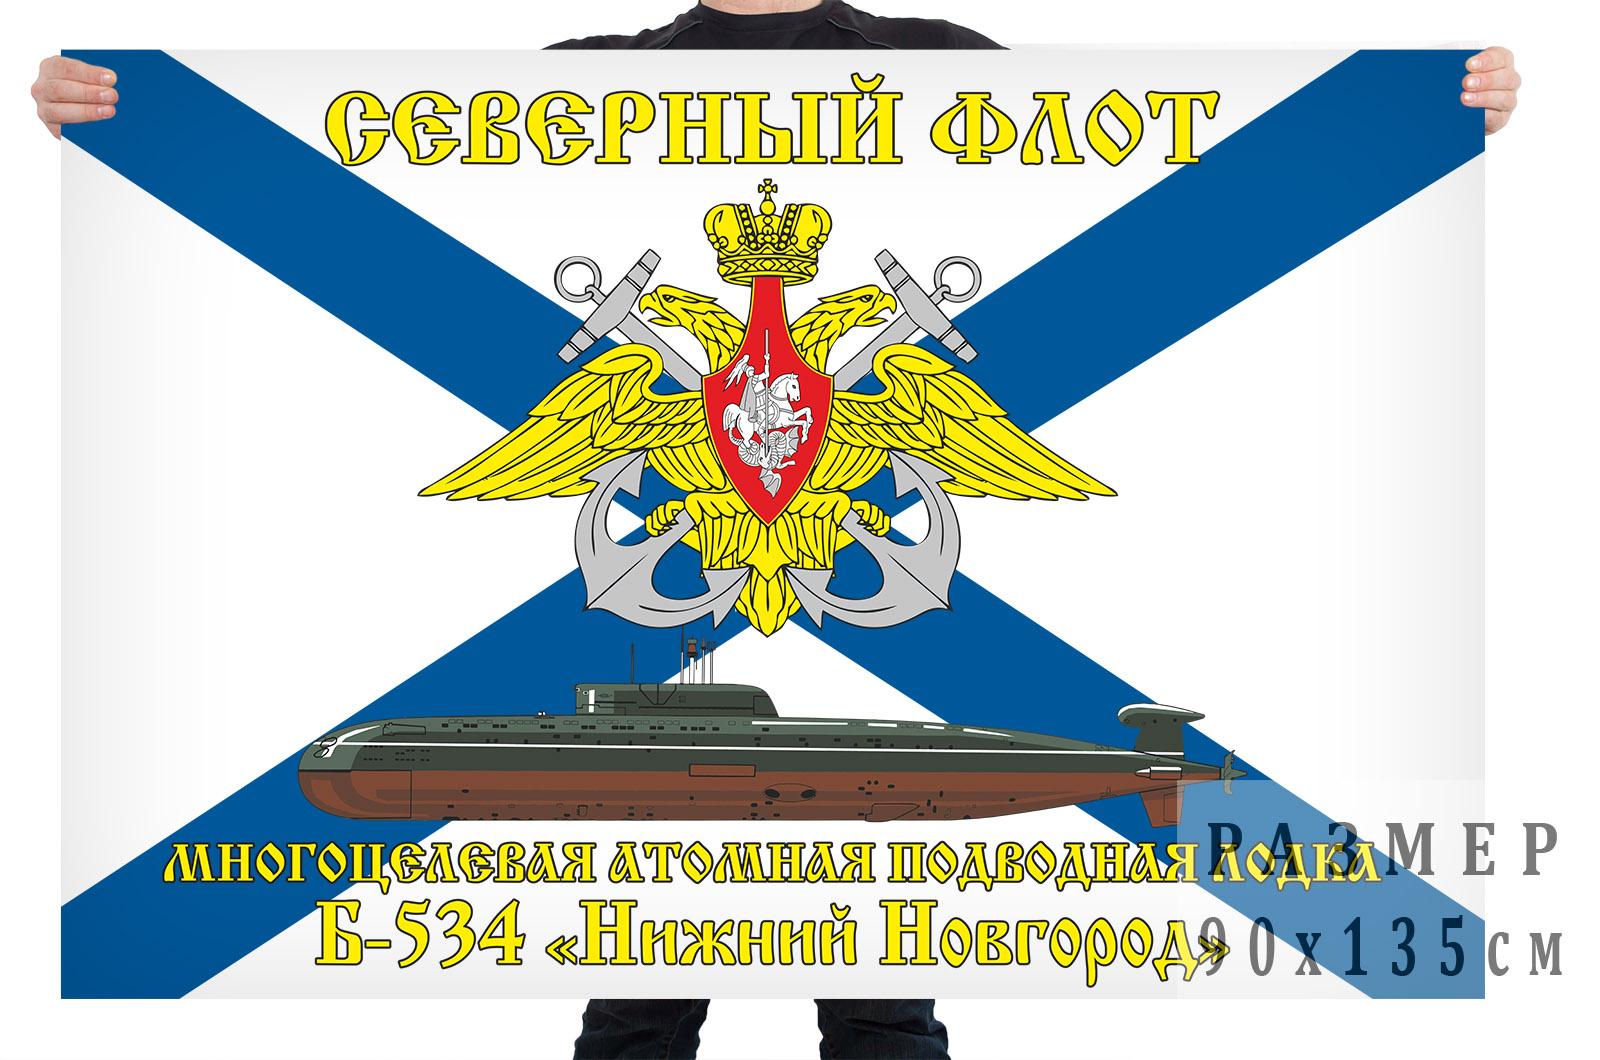 """Флаг многоцелевой атомной подводной лодки Б-534 """"Нижний Новгород"""""""